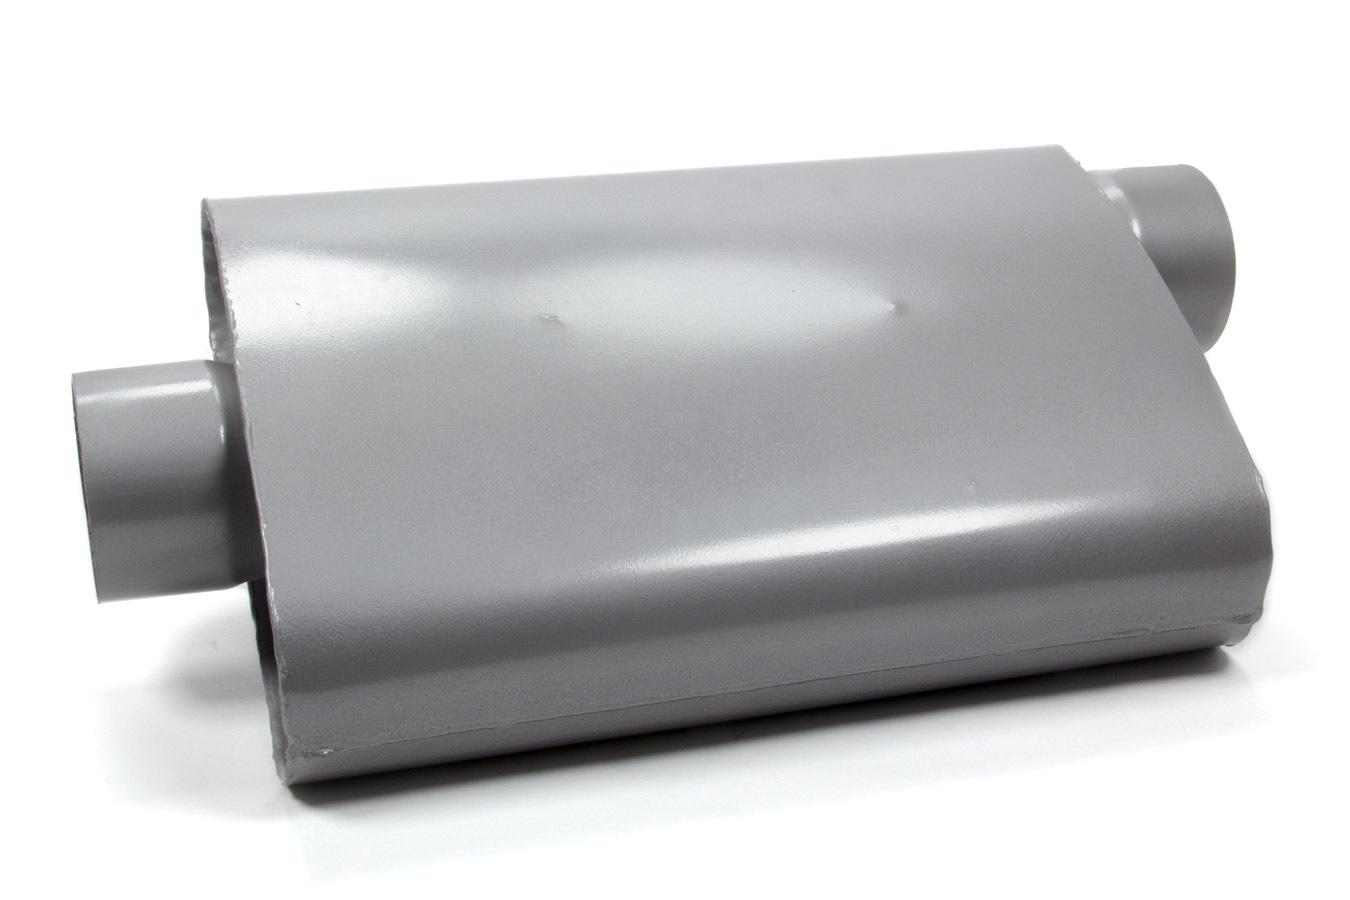 Flowtech Afterburner Muffler - 3.00in